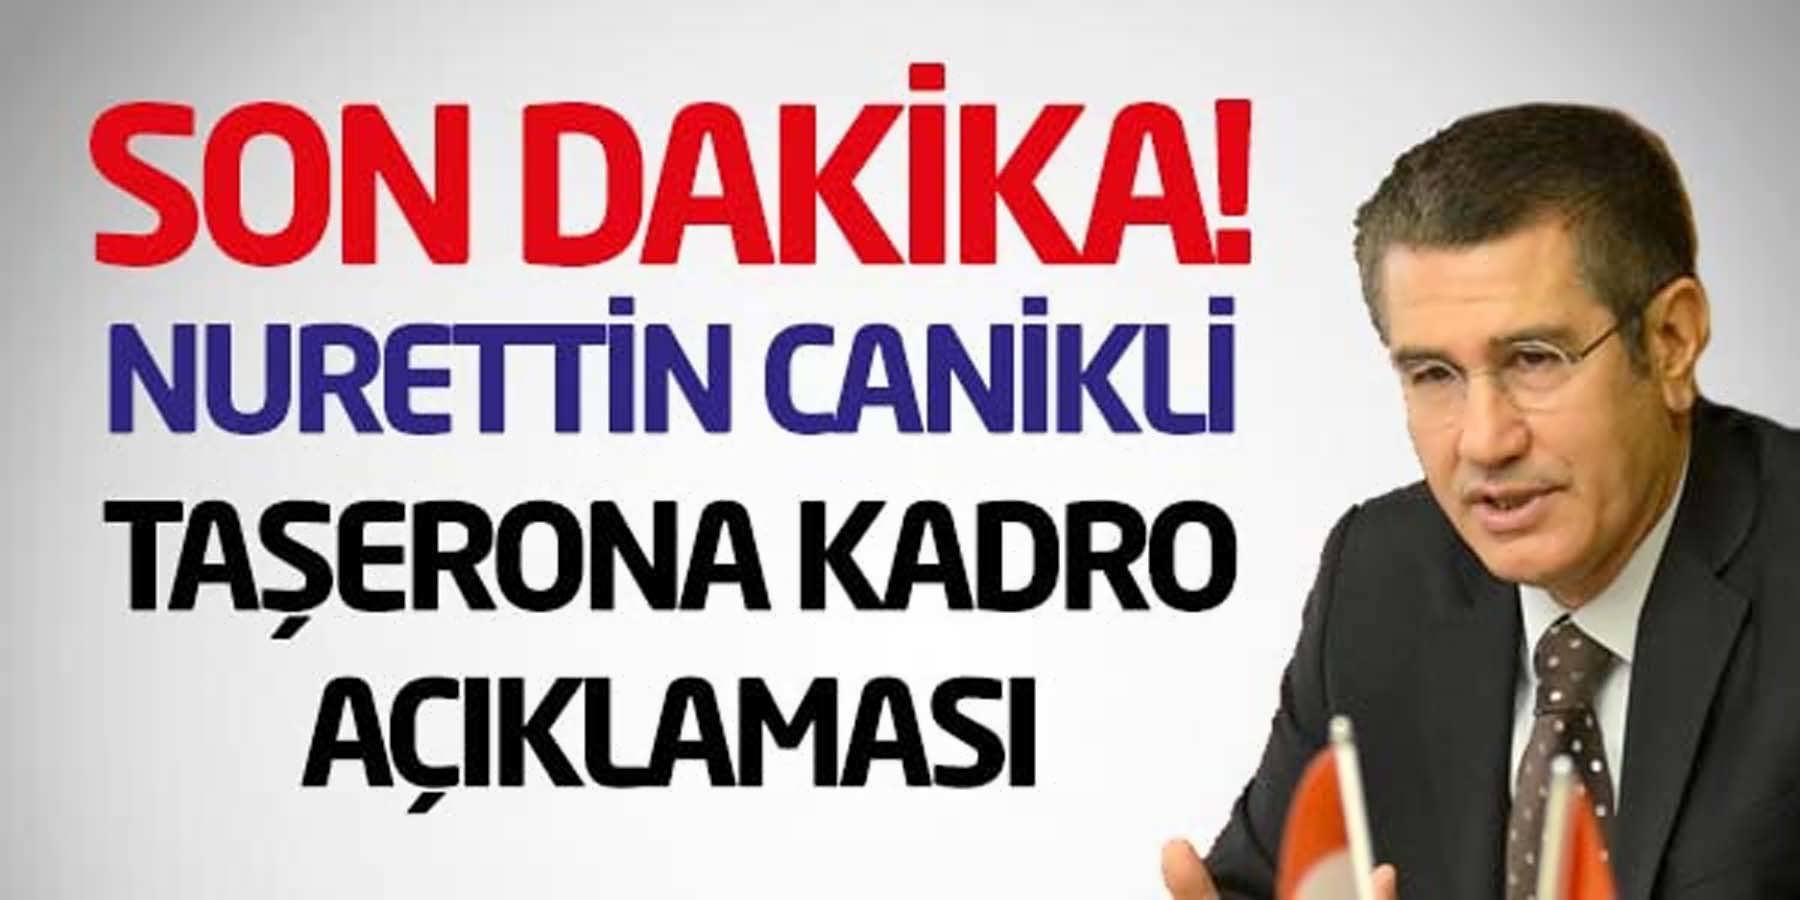 Nurettin Canikli 9 Eylül Taşerona Kadro Açıklaması